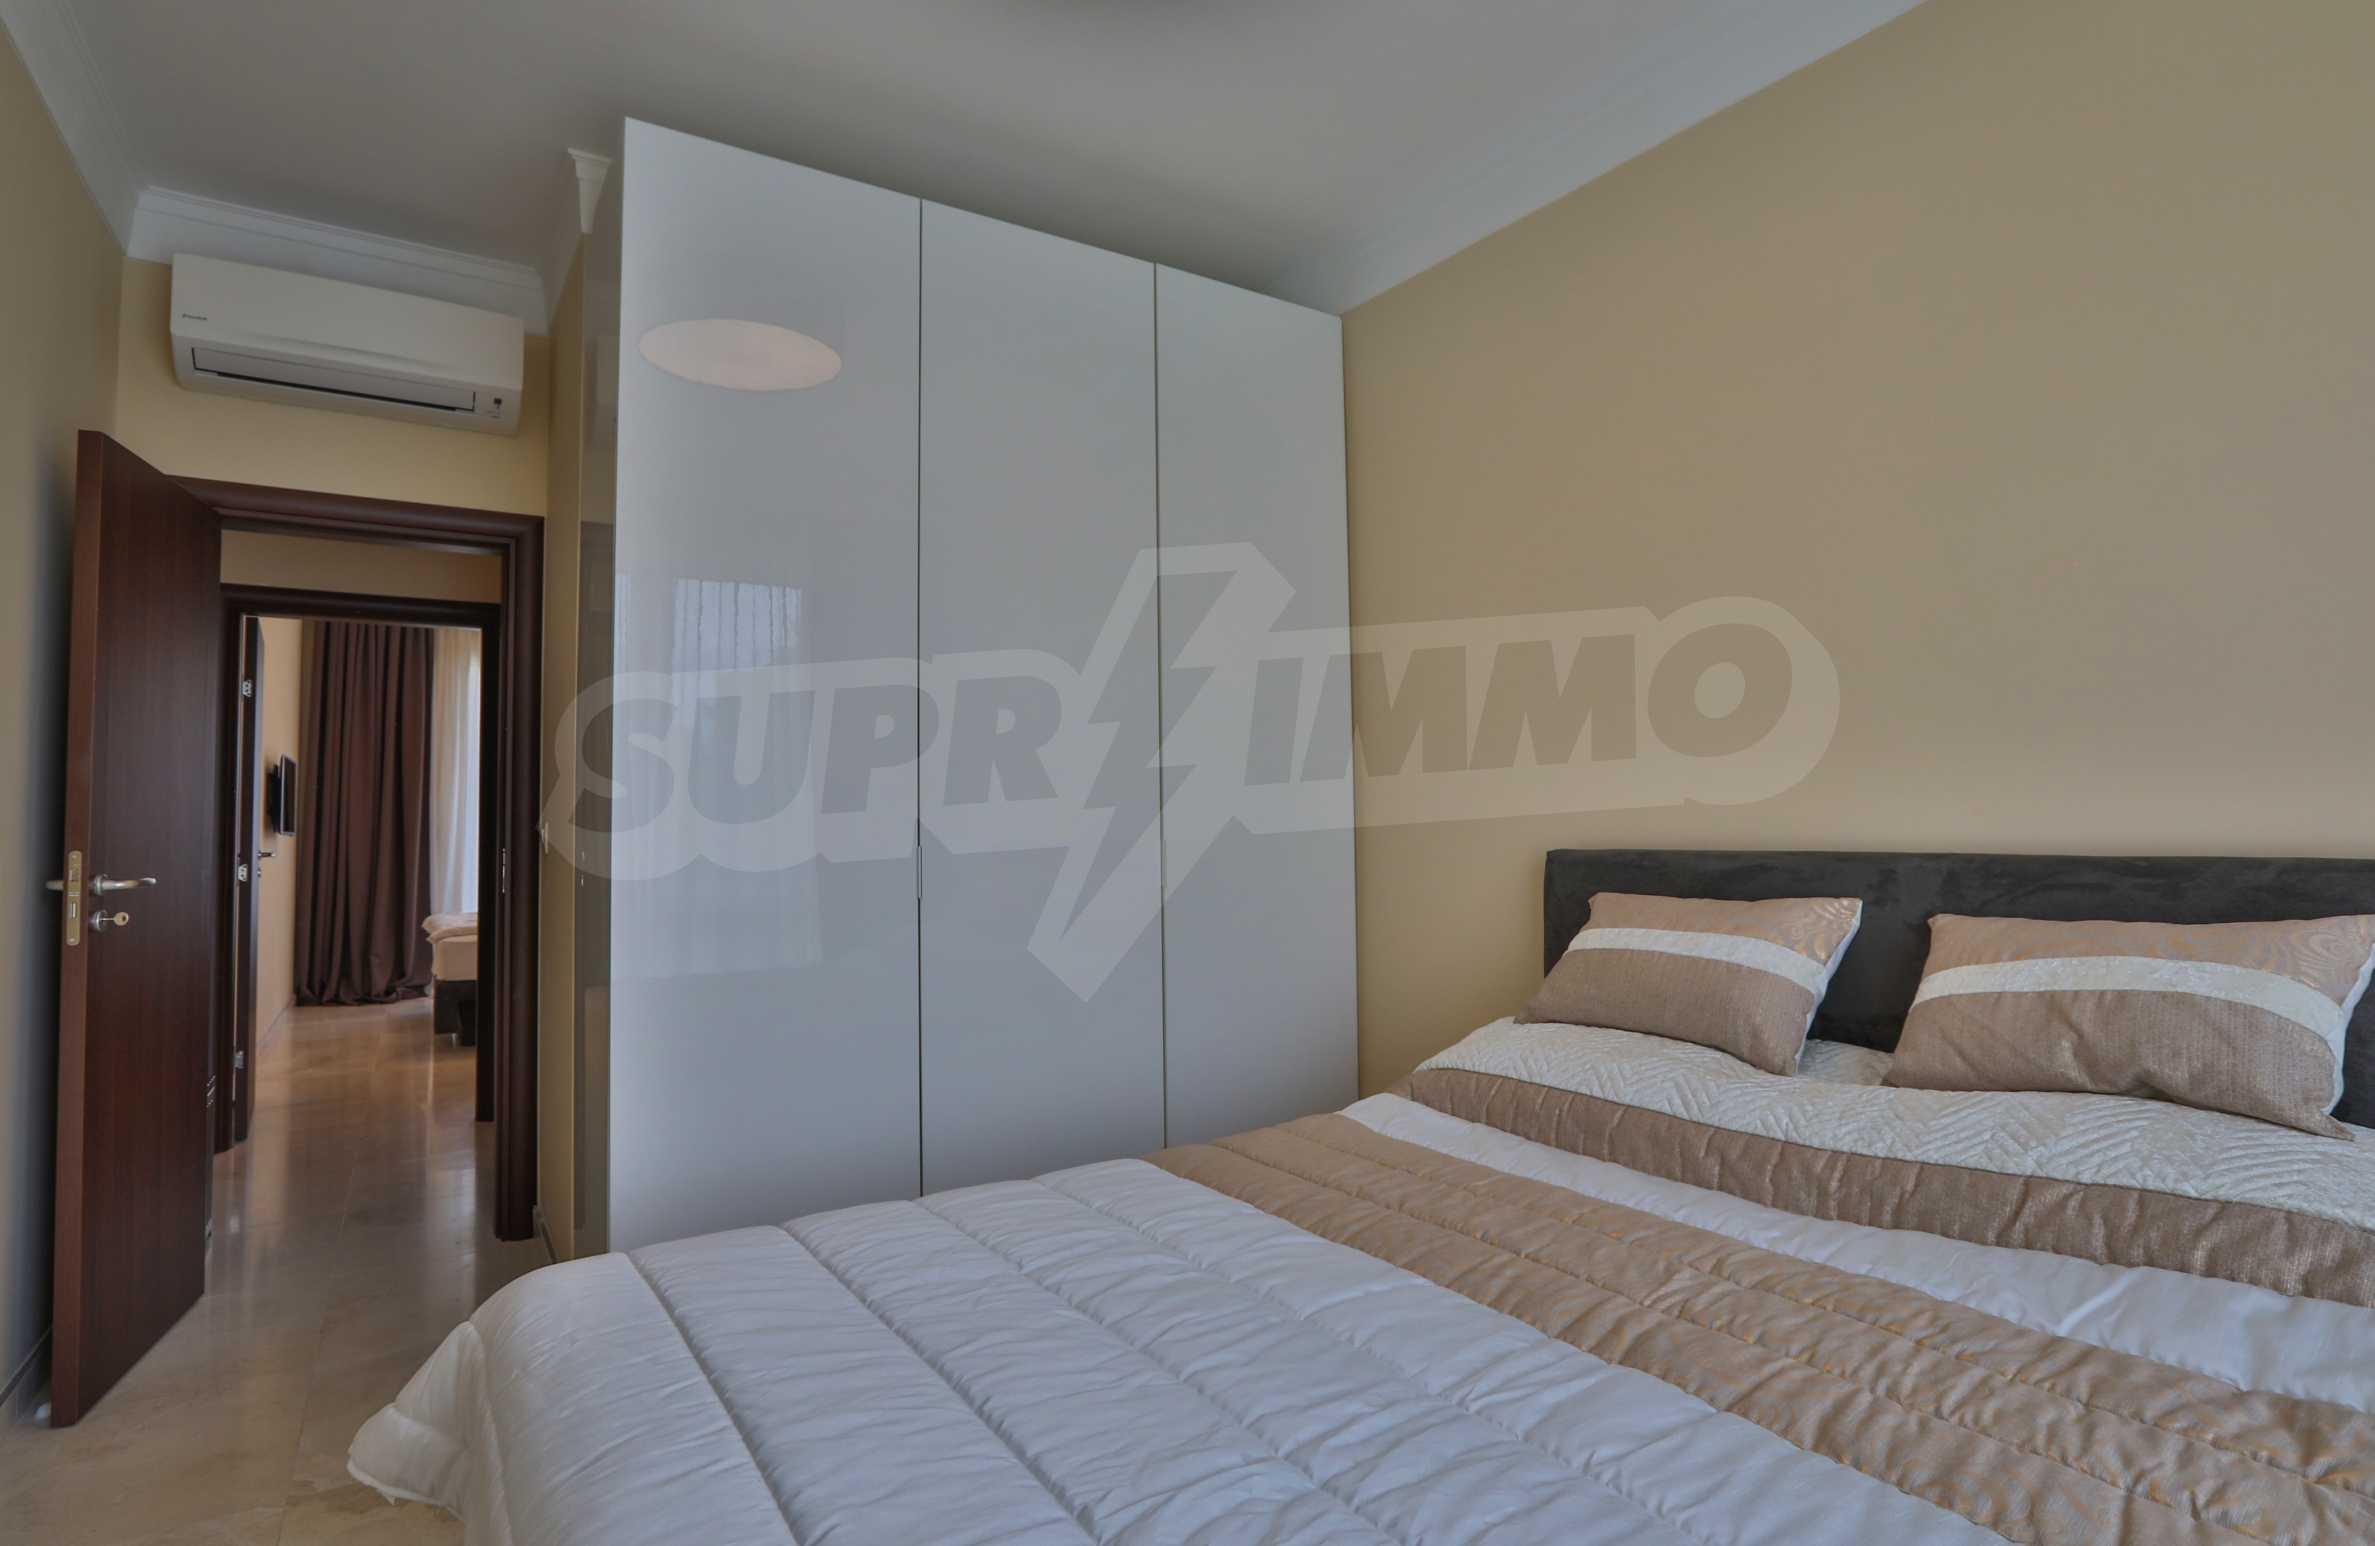 Дизайнерски апартамент с 2 спални в луксозната морска резиденция Belle Époque в Лозенец 20